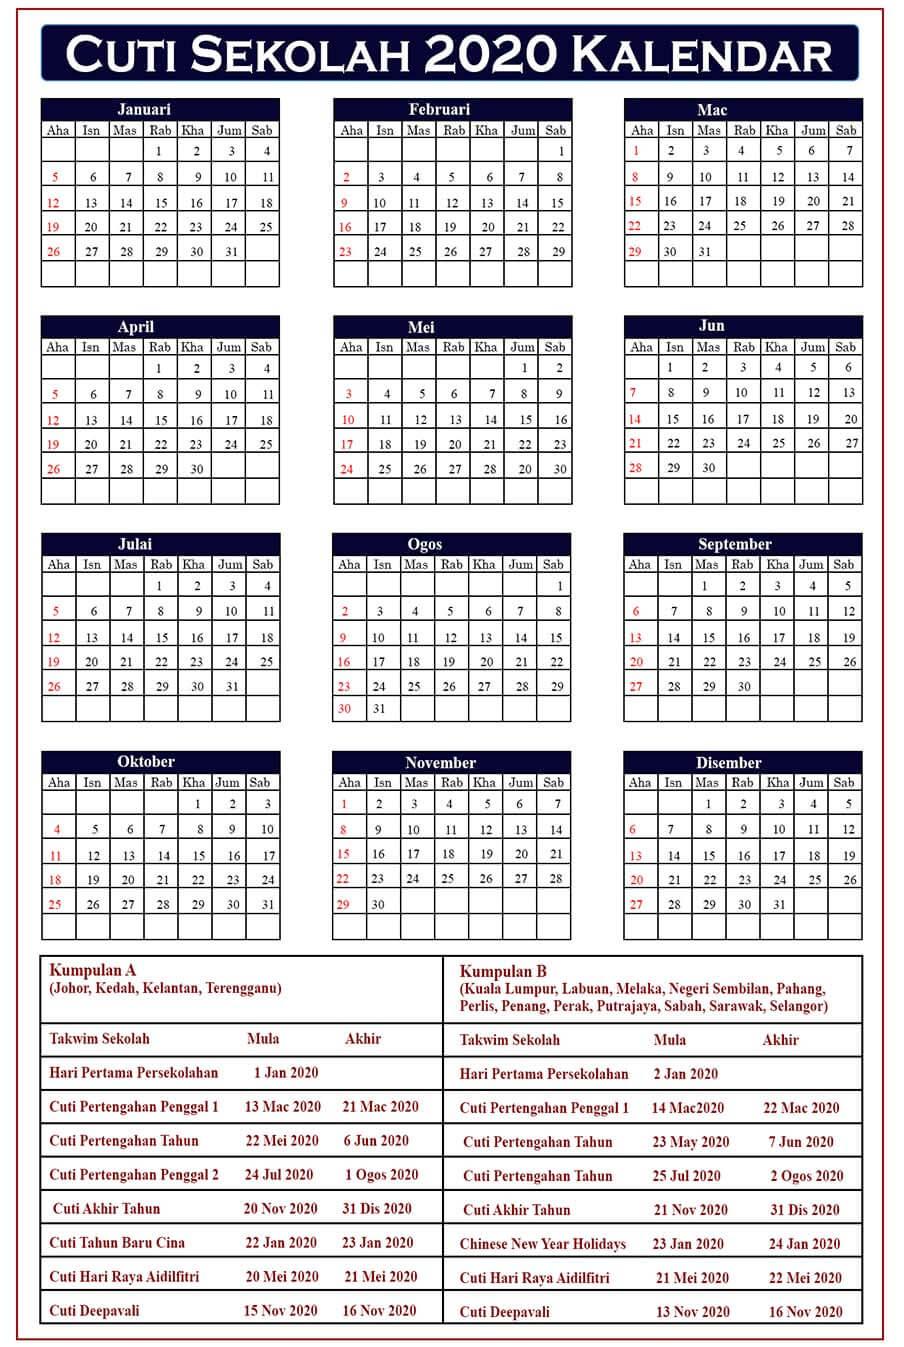 Cuti Sekolah Kalendar